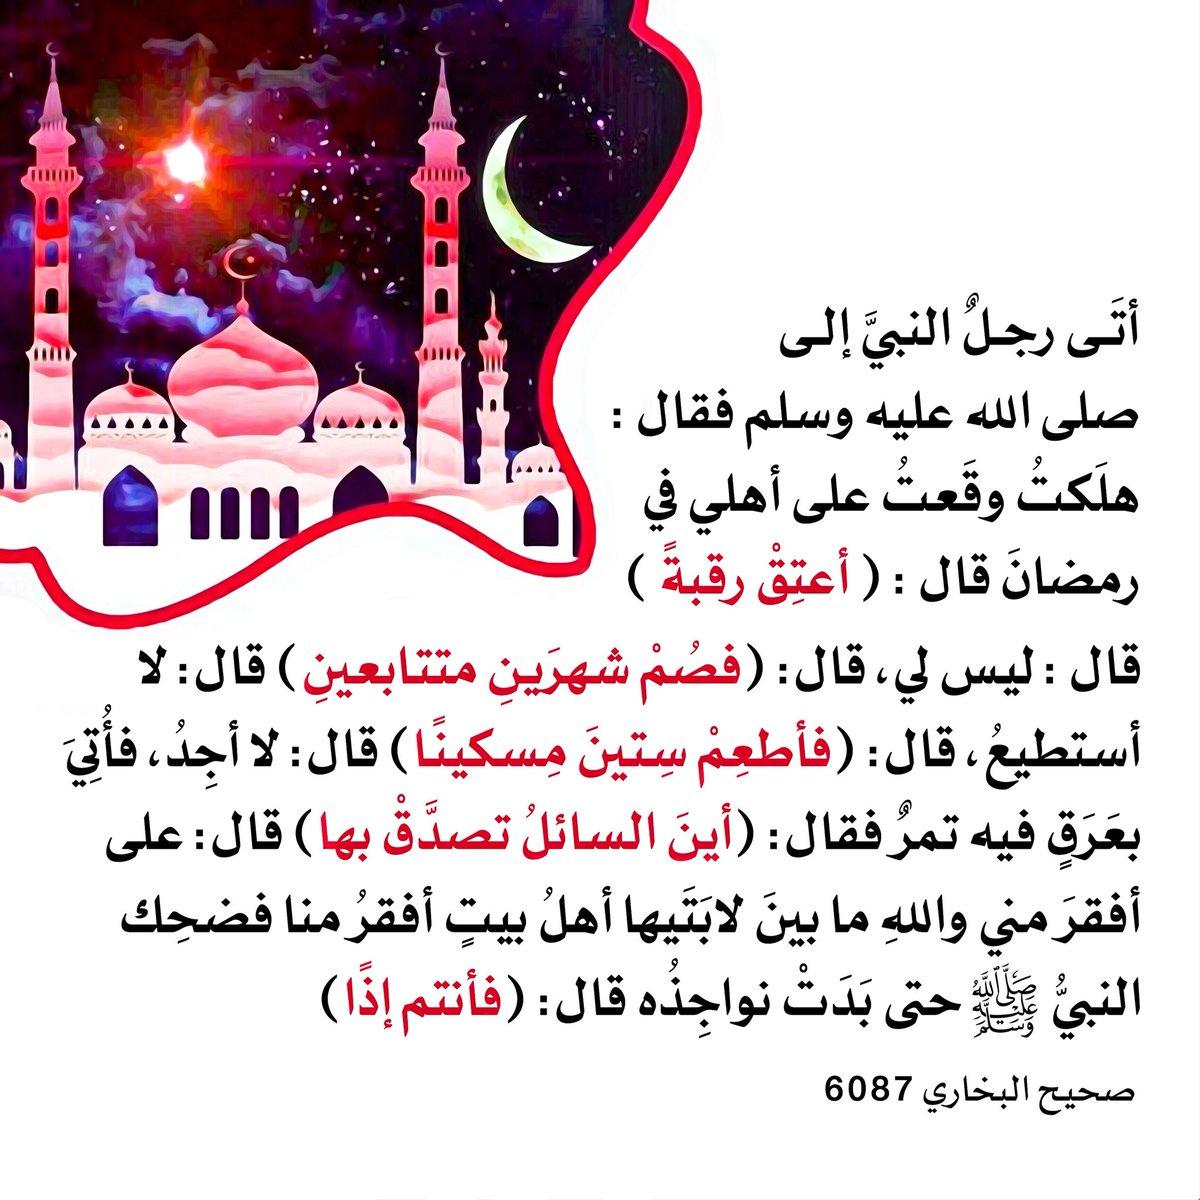 كفارة الافطار في رمضان متعمدا